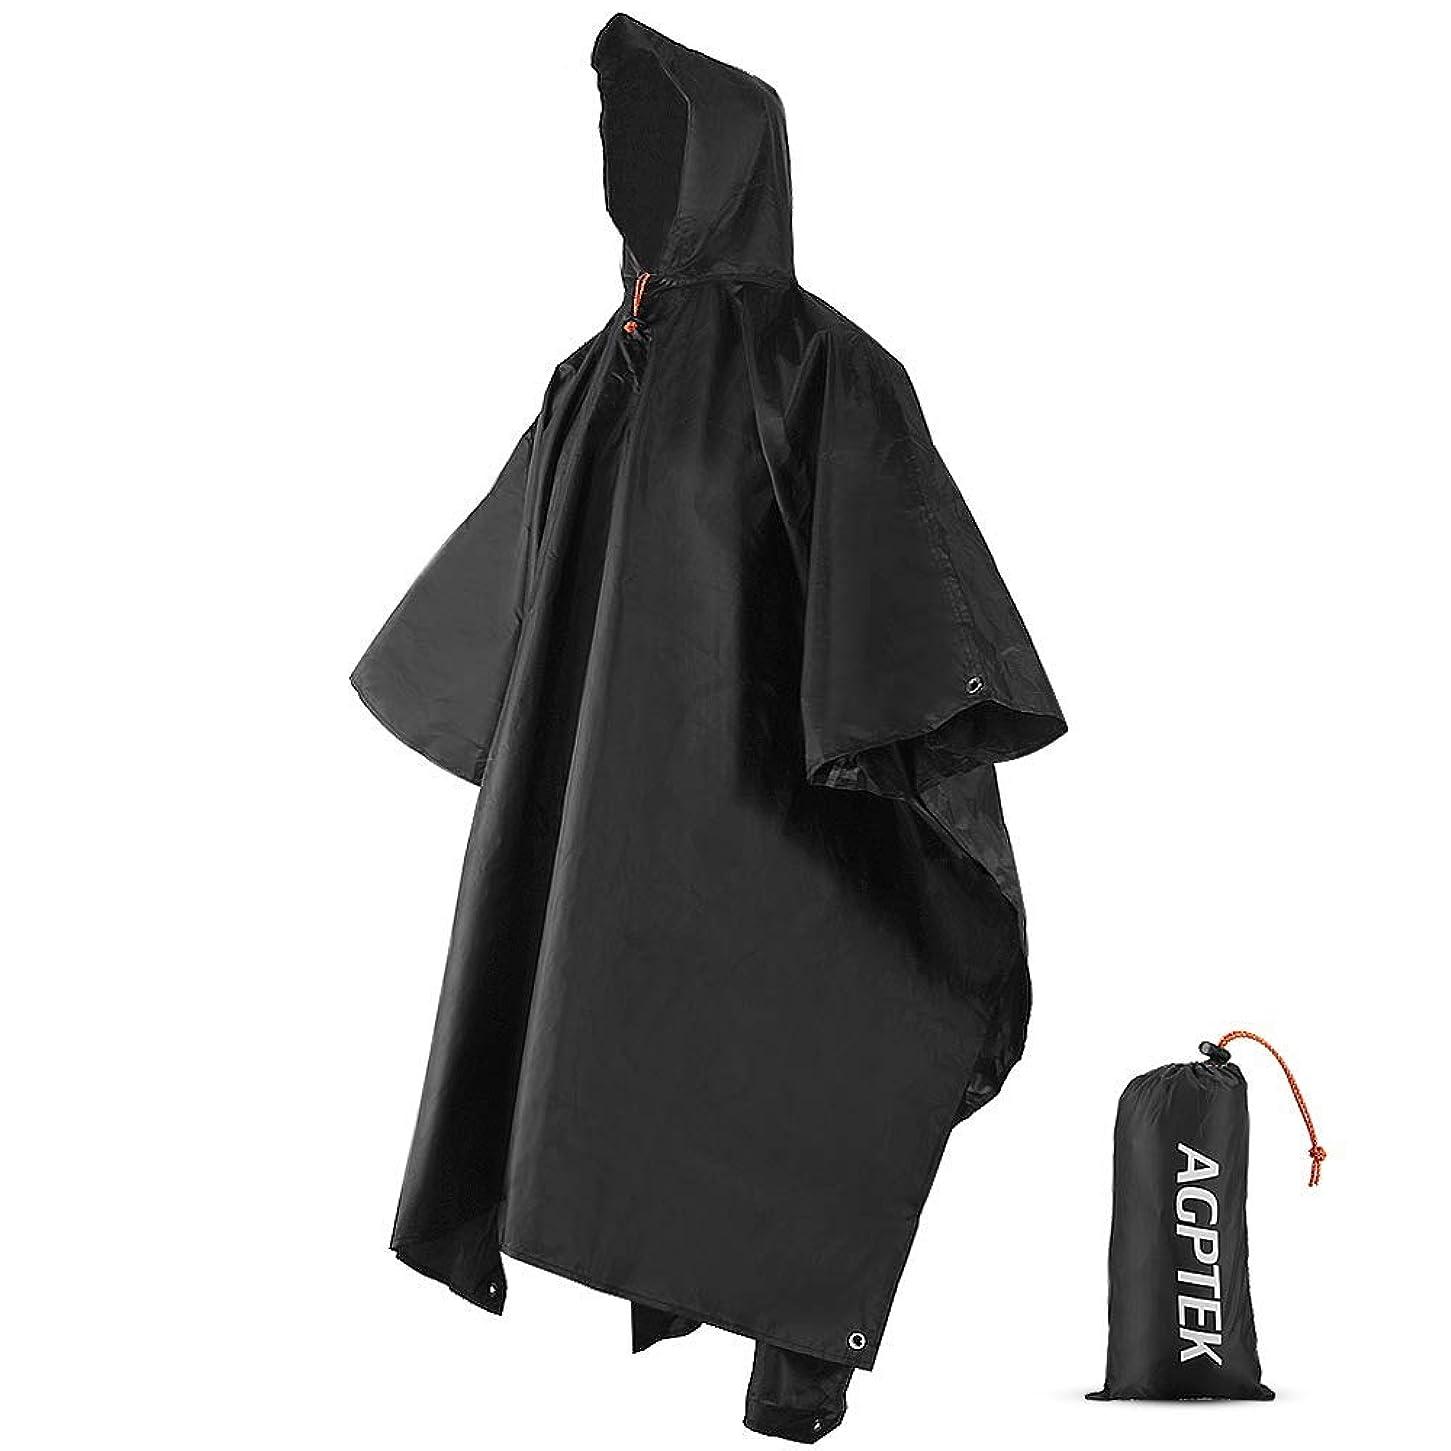 省大脳終わったAGPTEK レインコート レインポンチョ 多機能 雨具 帽子 防水 防汚 男女兼用 収納袋付き マジックテープ付き